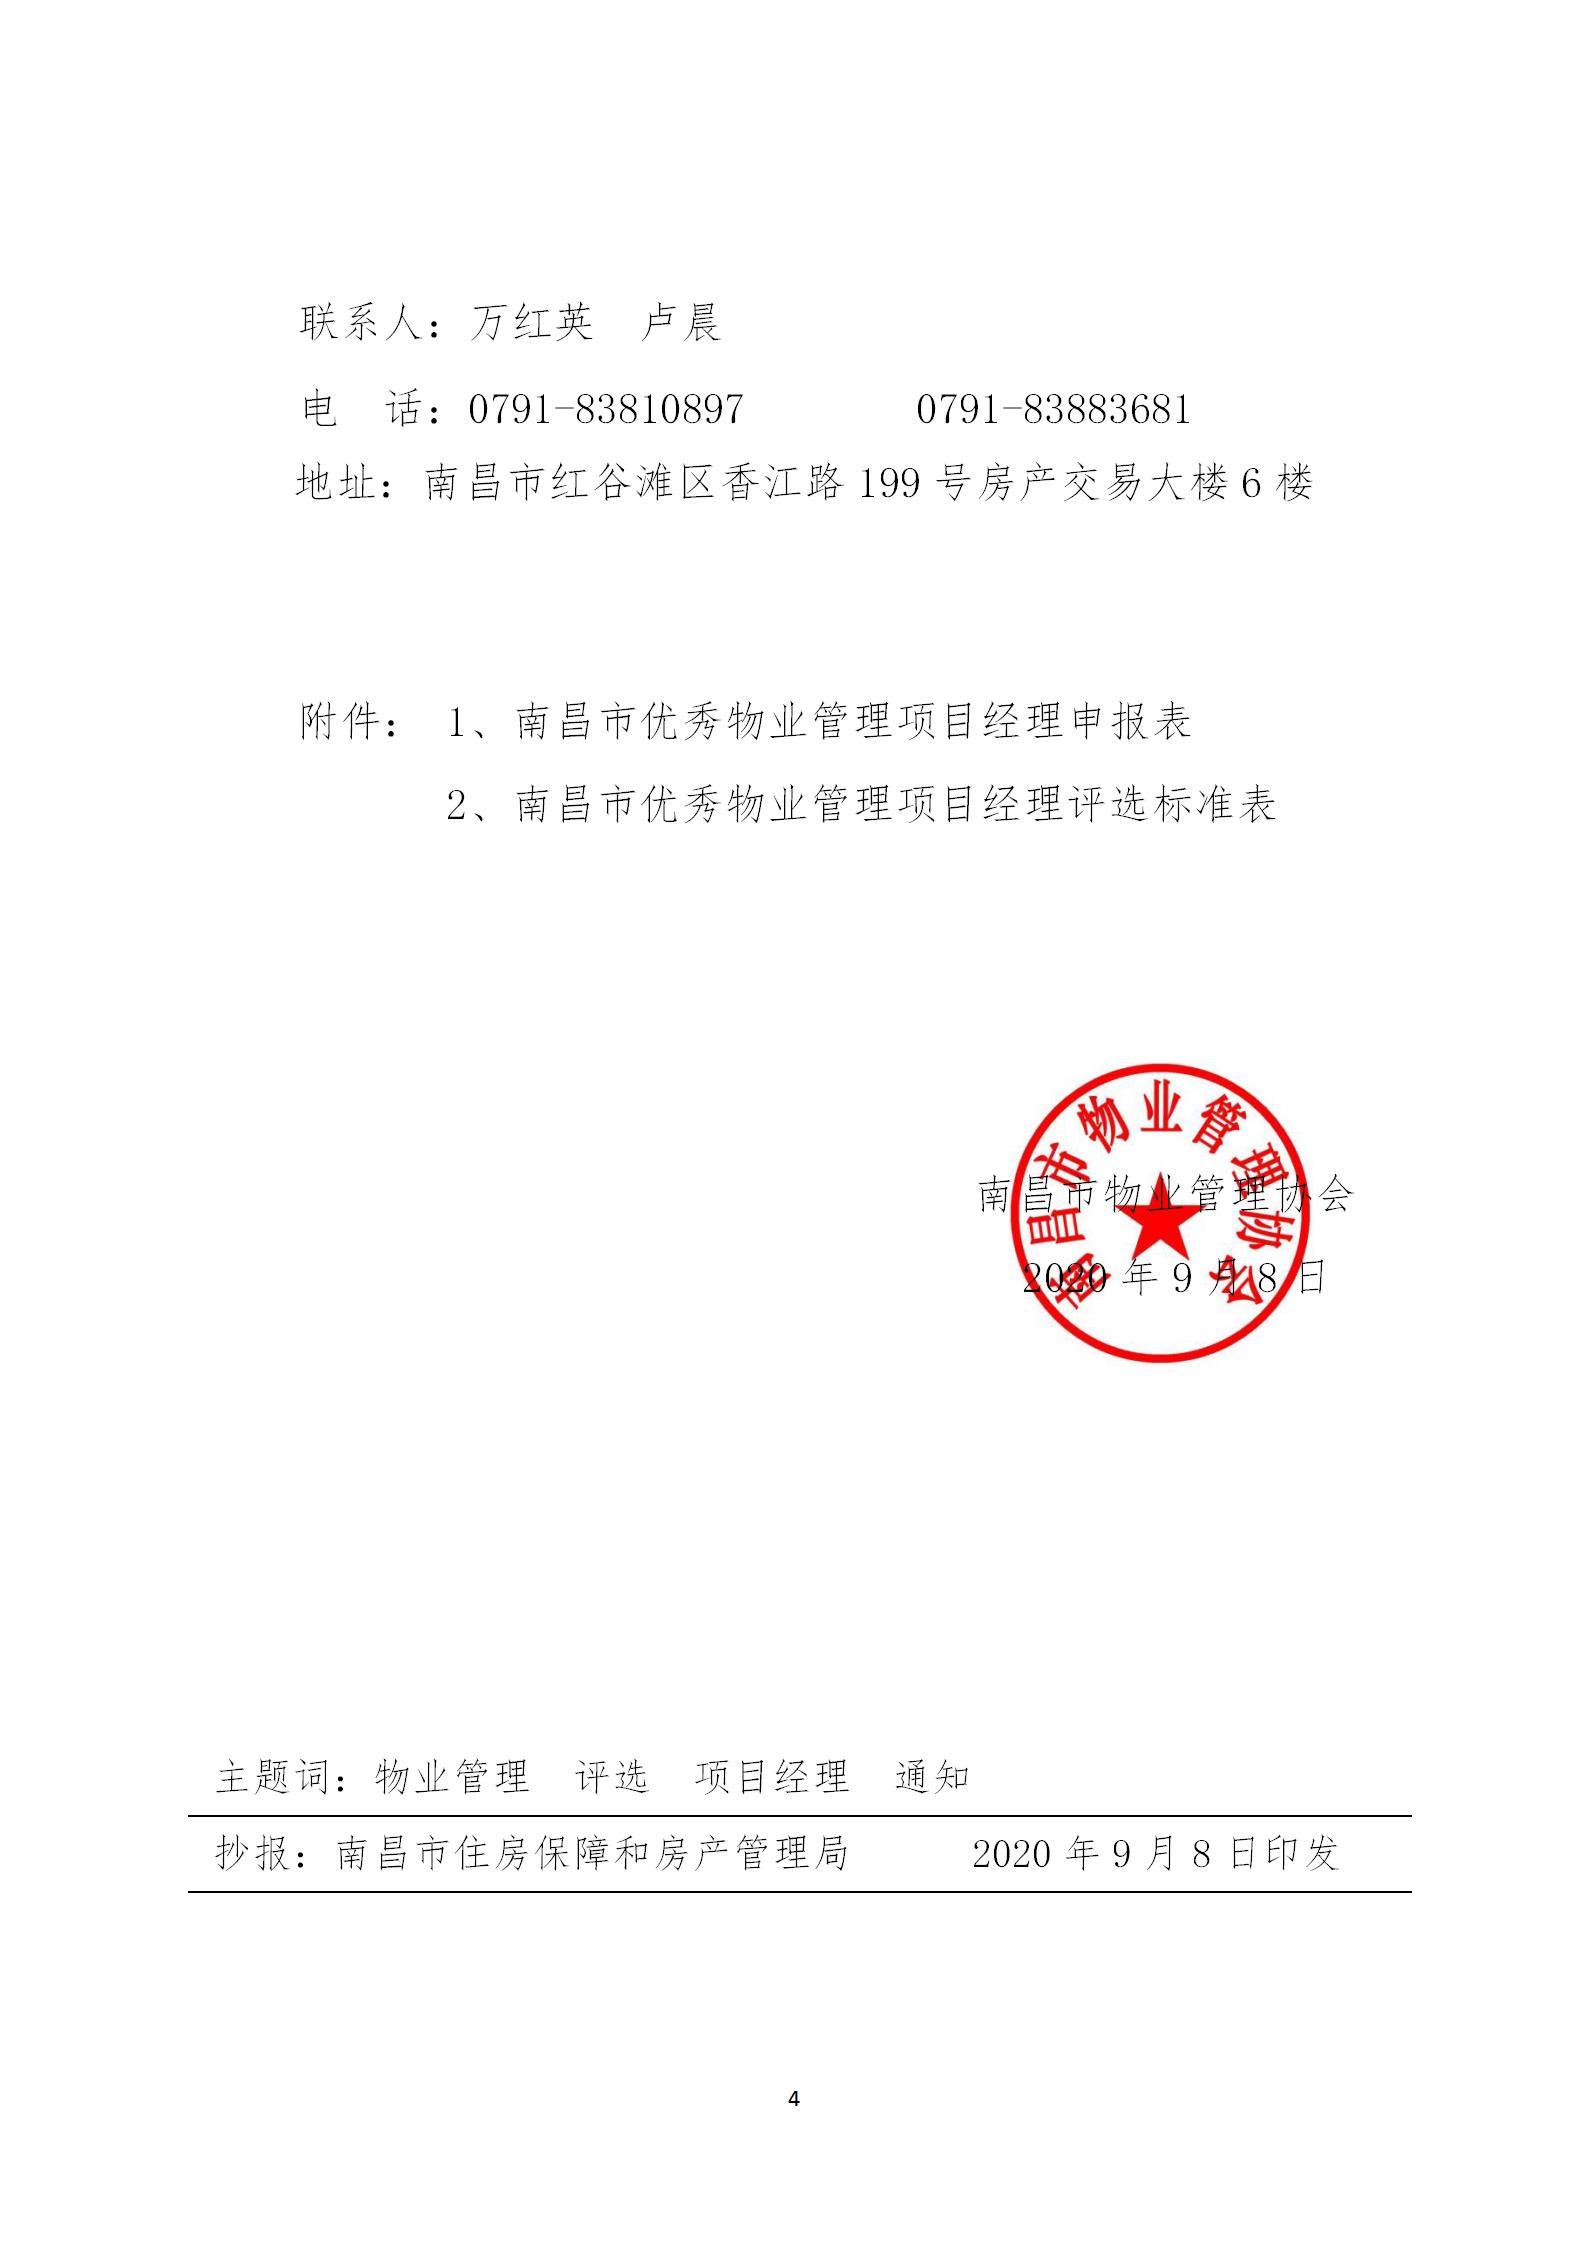 洪物协字[2020]17号关于开展2020年度南昌市物业管理行业优秀项目经理评选活动的通知_04.png